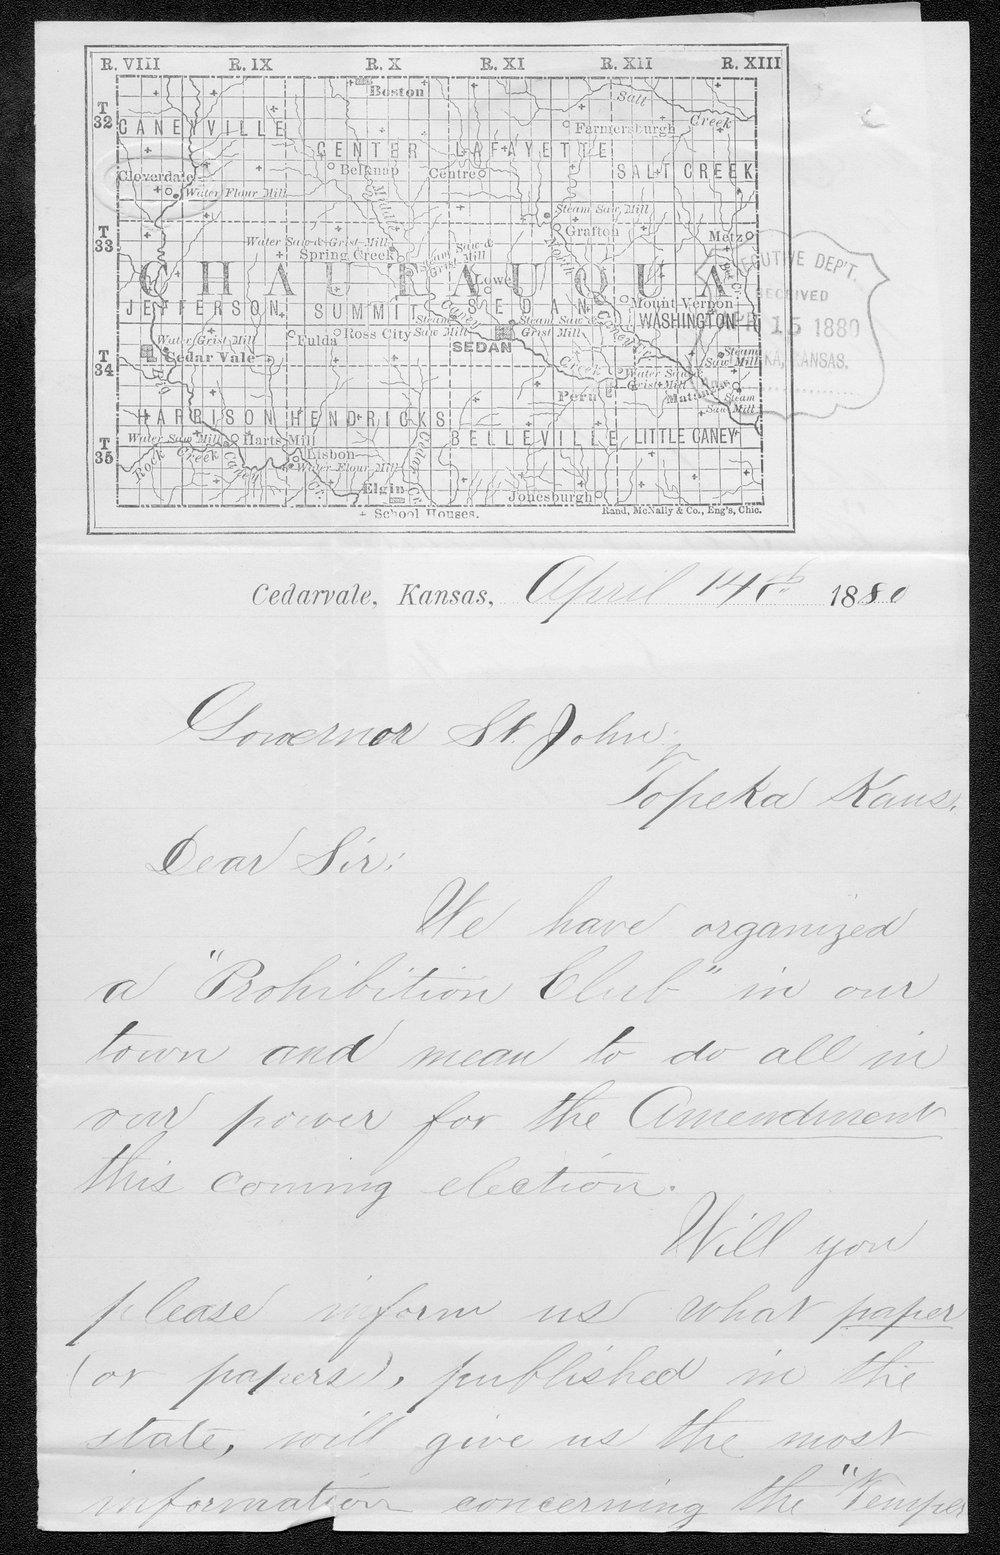 R. F. Glenn to Governor John St. John - 1